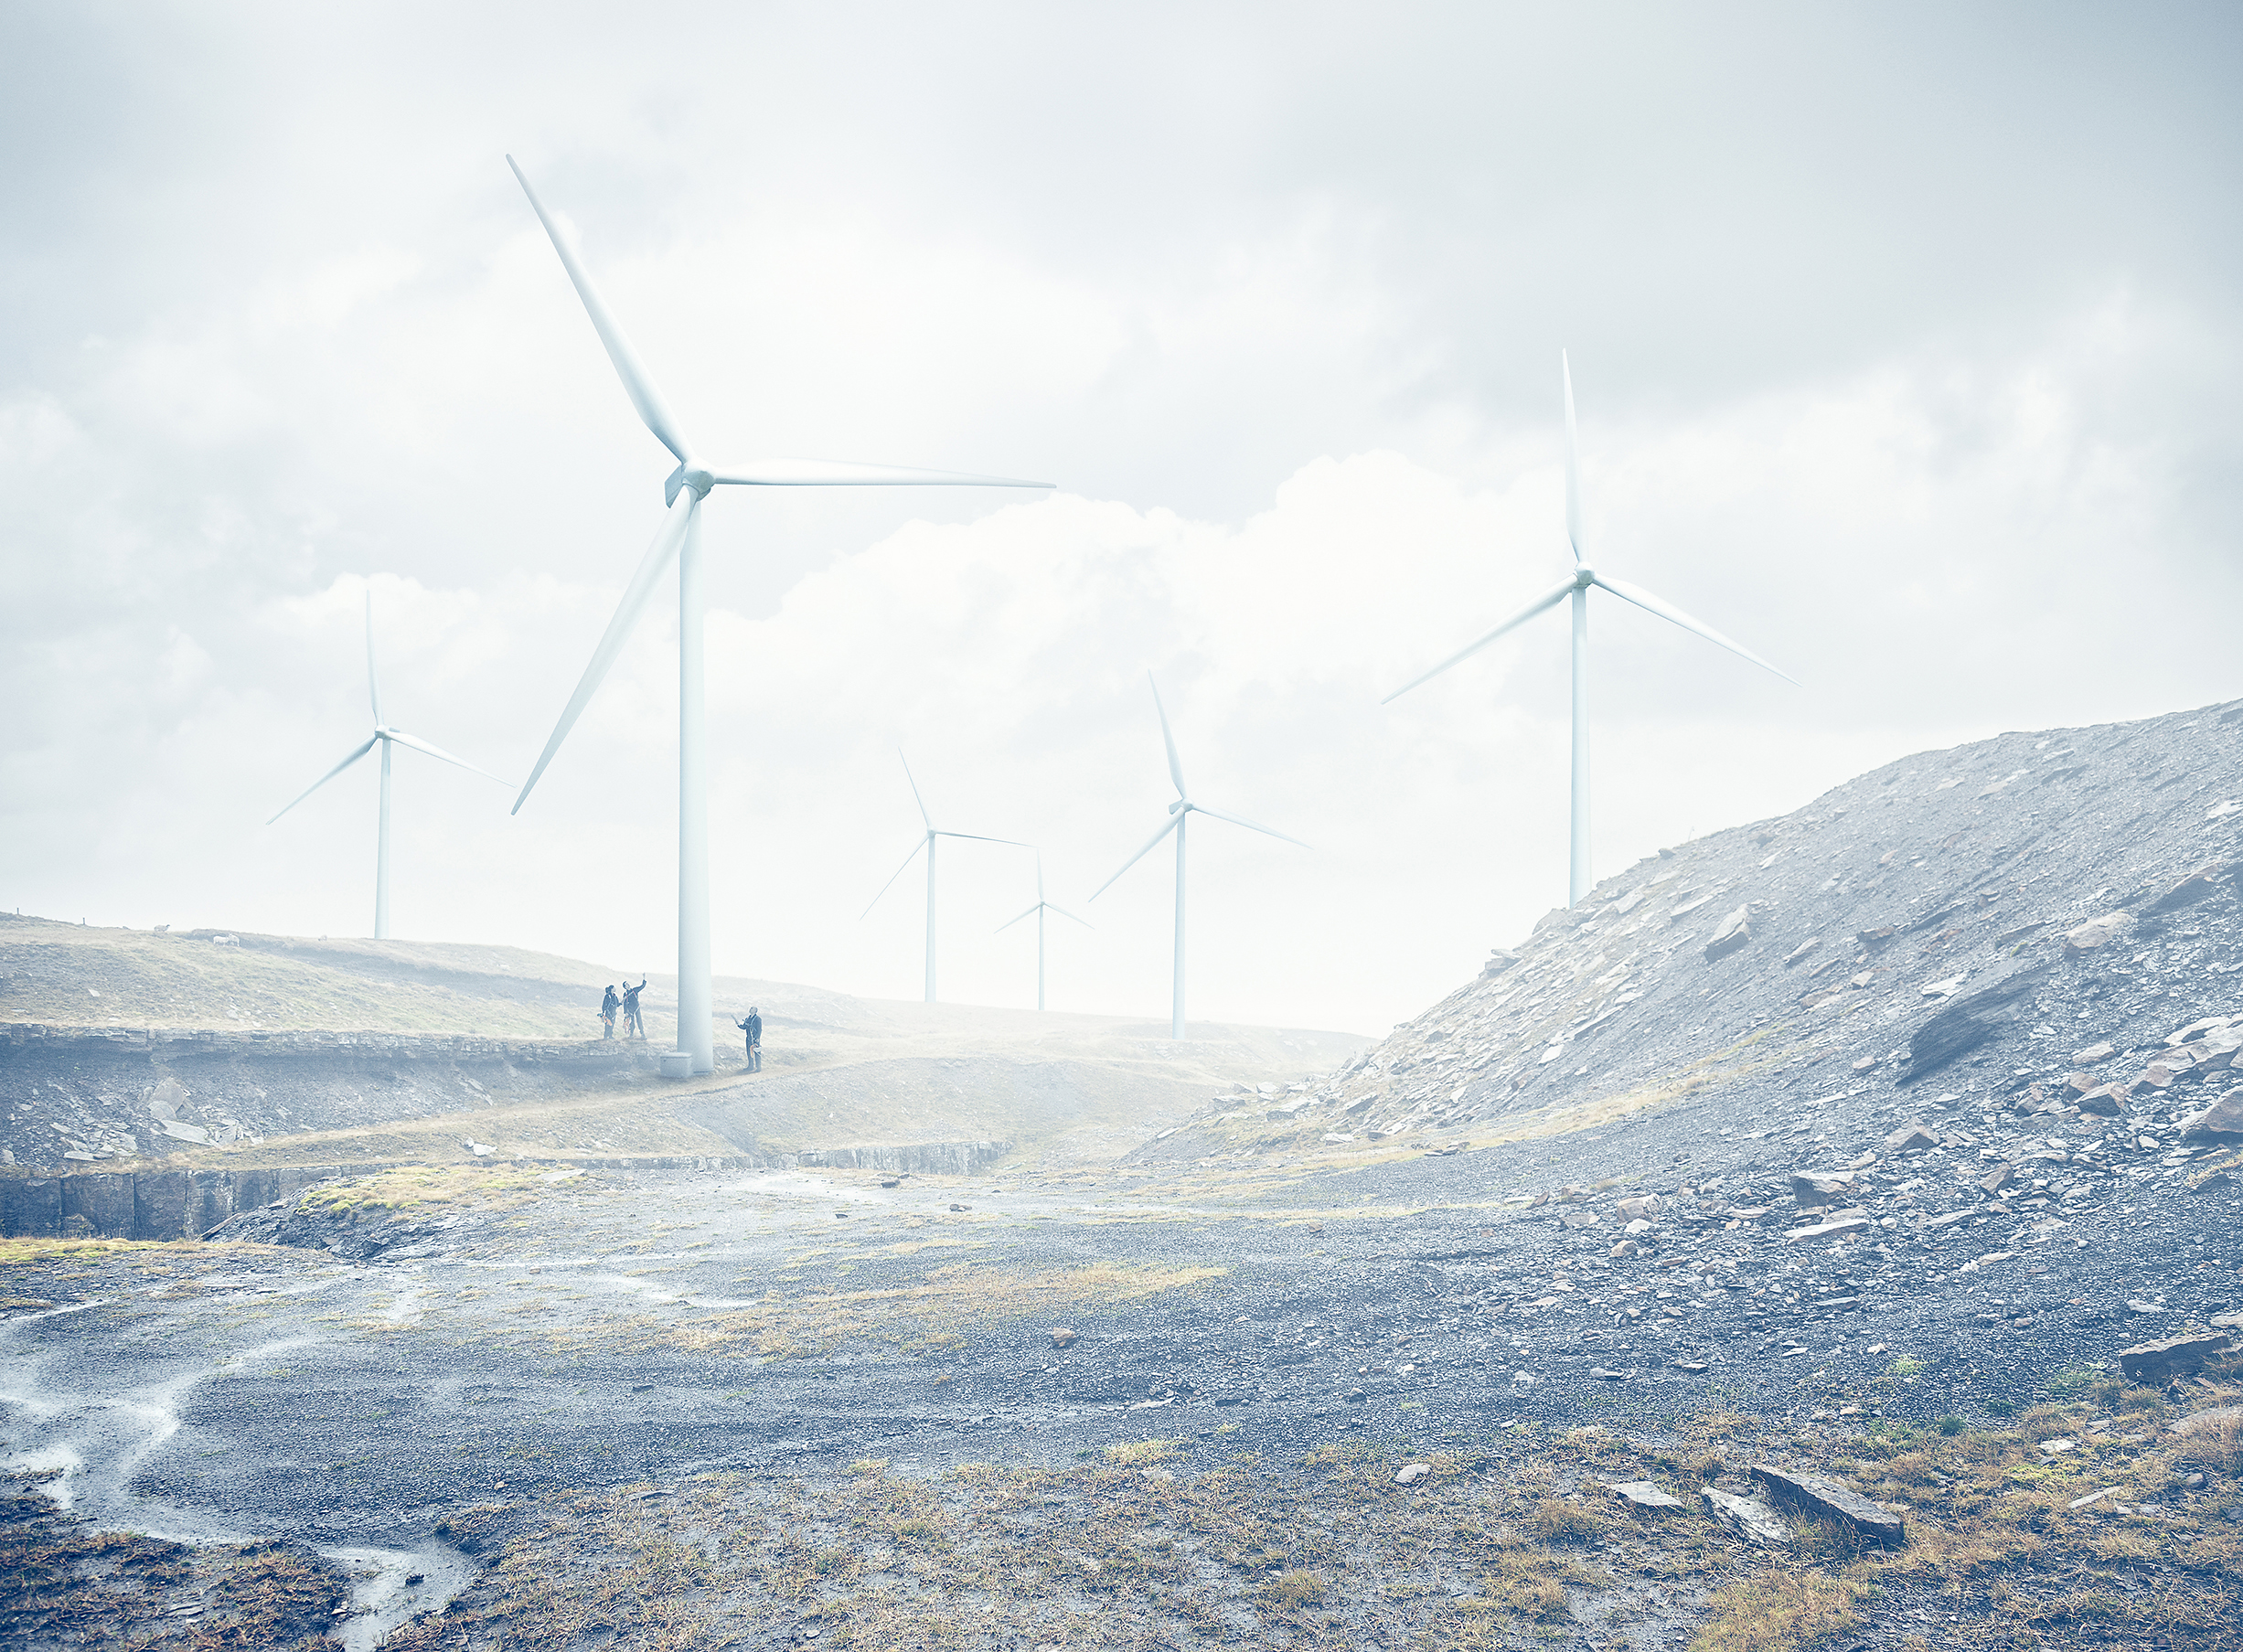 Une approche statistique pour réduire les coûts d'exploitation des éoliennes